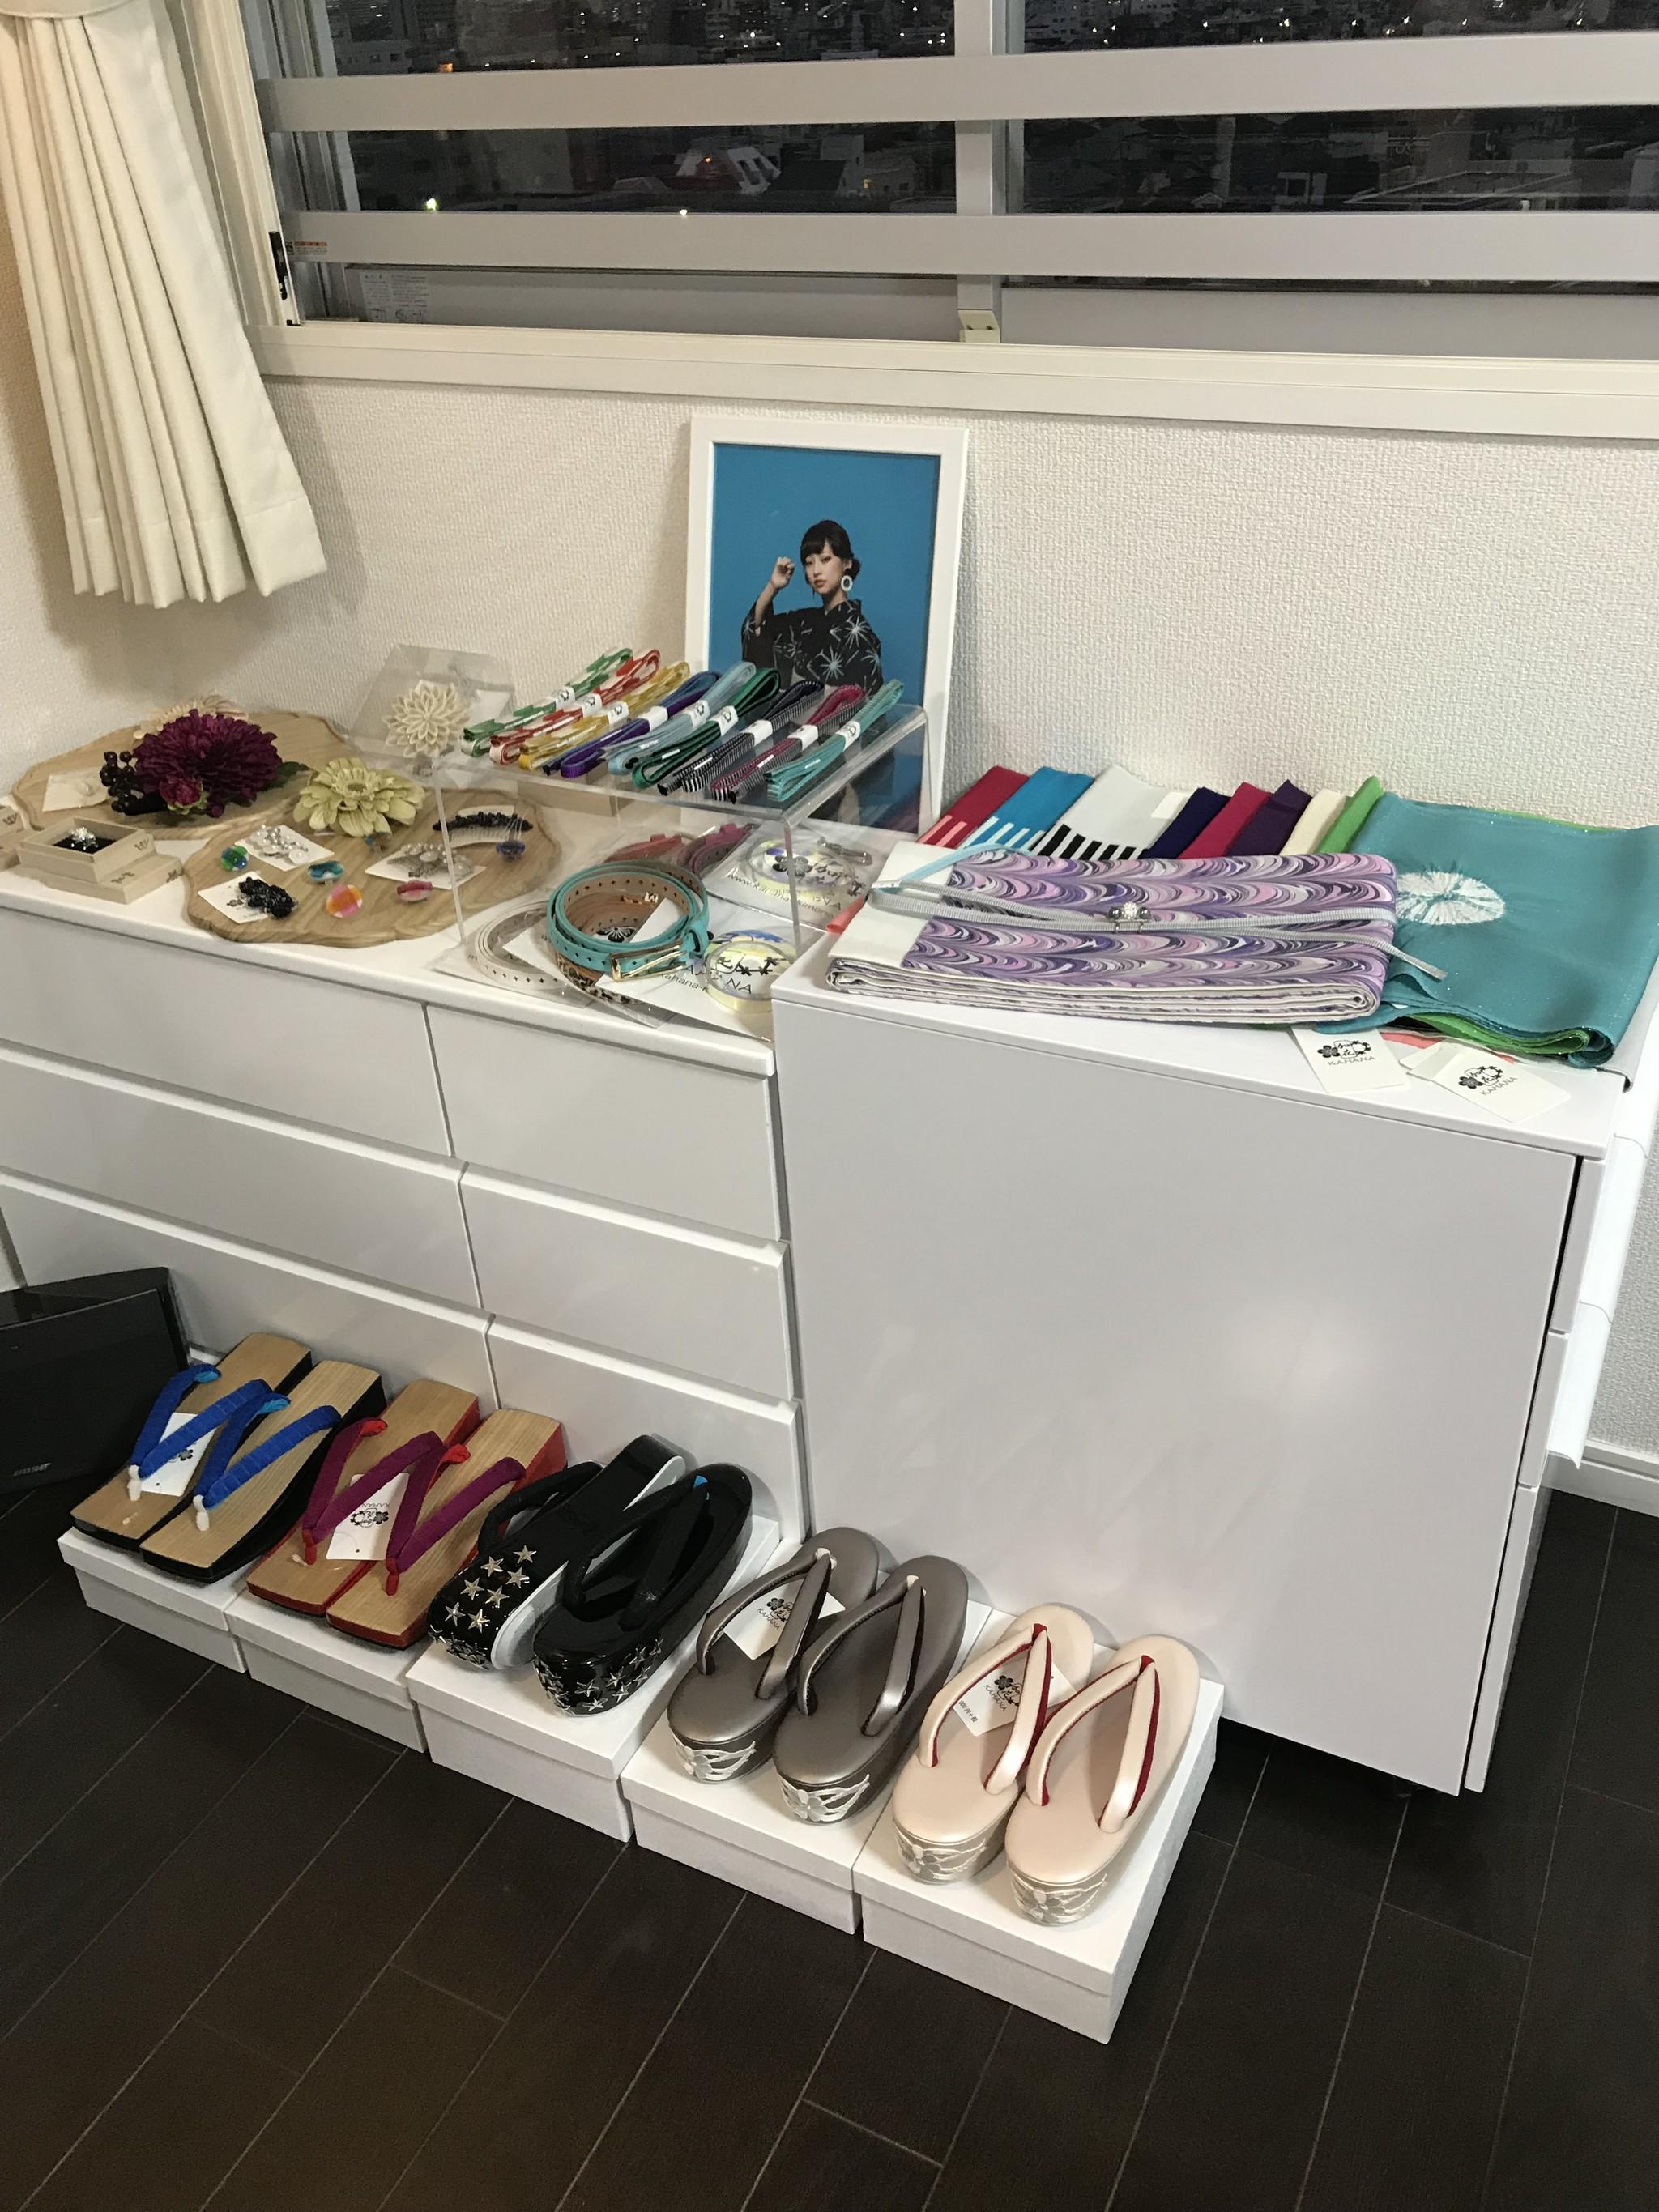 加花-KAHANA 2019年SS展示会開催中です!